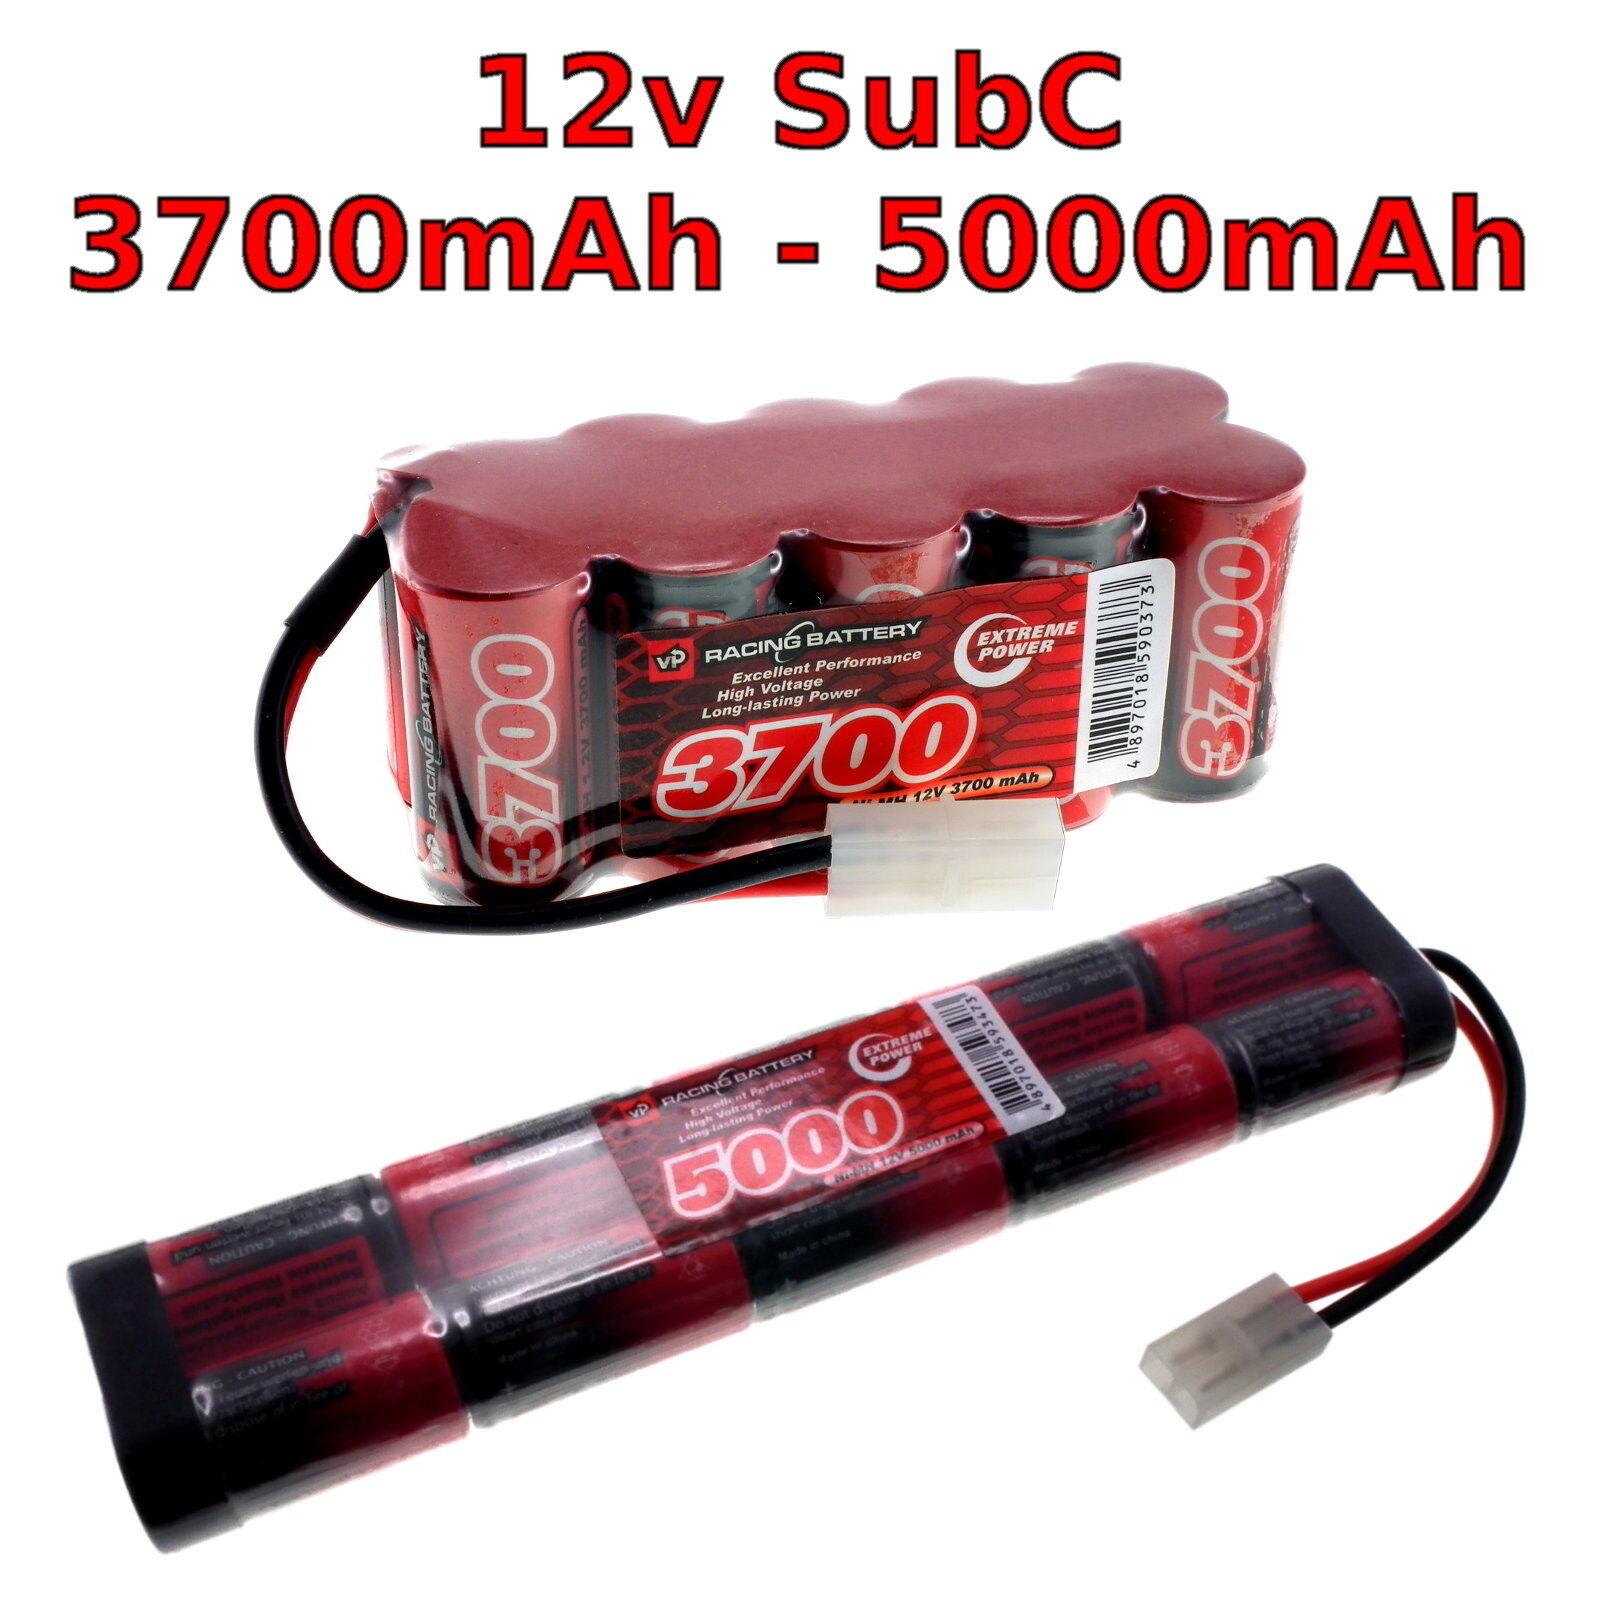 12v 3700-5000mah SubC Premium Racing RC SC pacco batterie NiMH + Connettore personalizzato